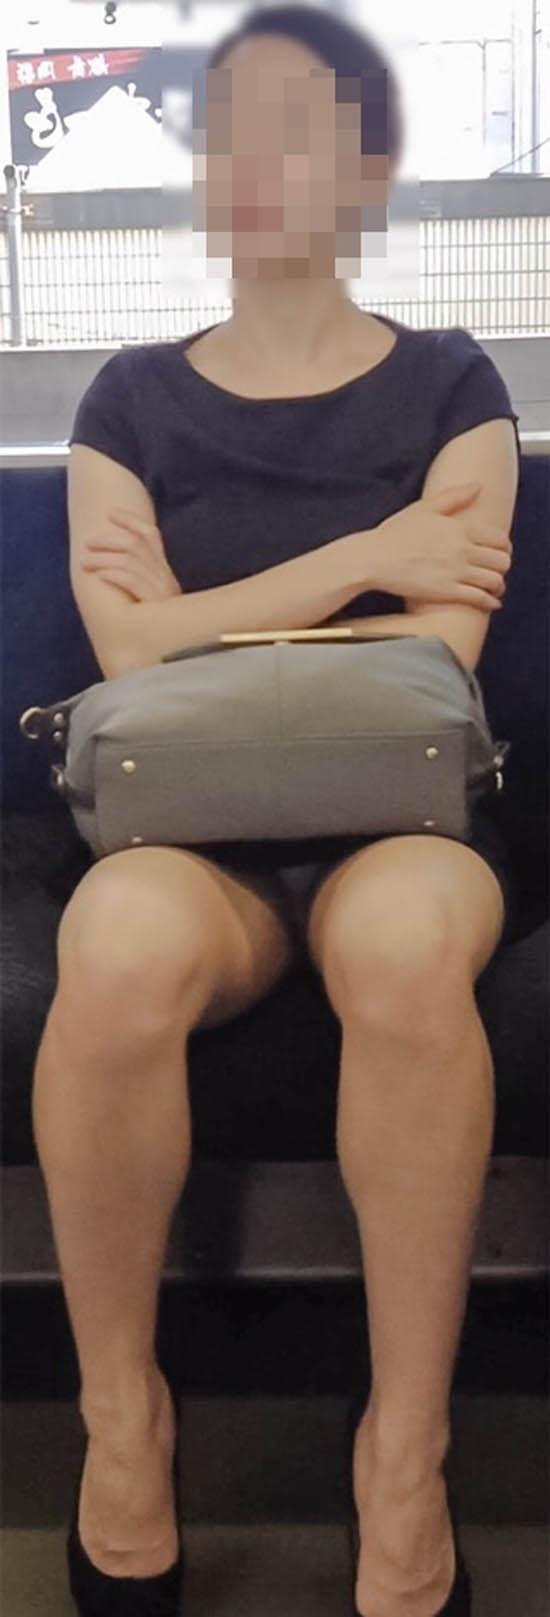 【パンチラエロ画像】車外からでも見える!座席のミニスカ女子チラ見えの瞬間www 06